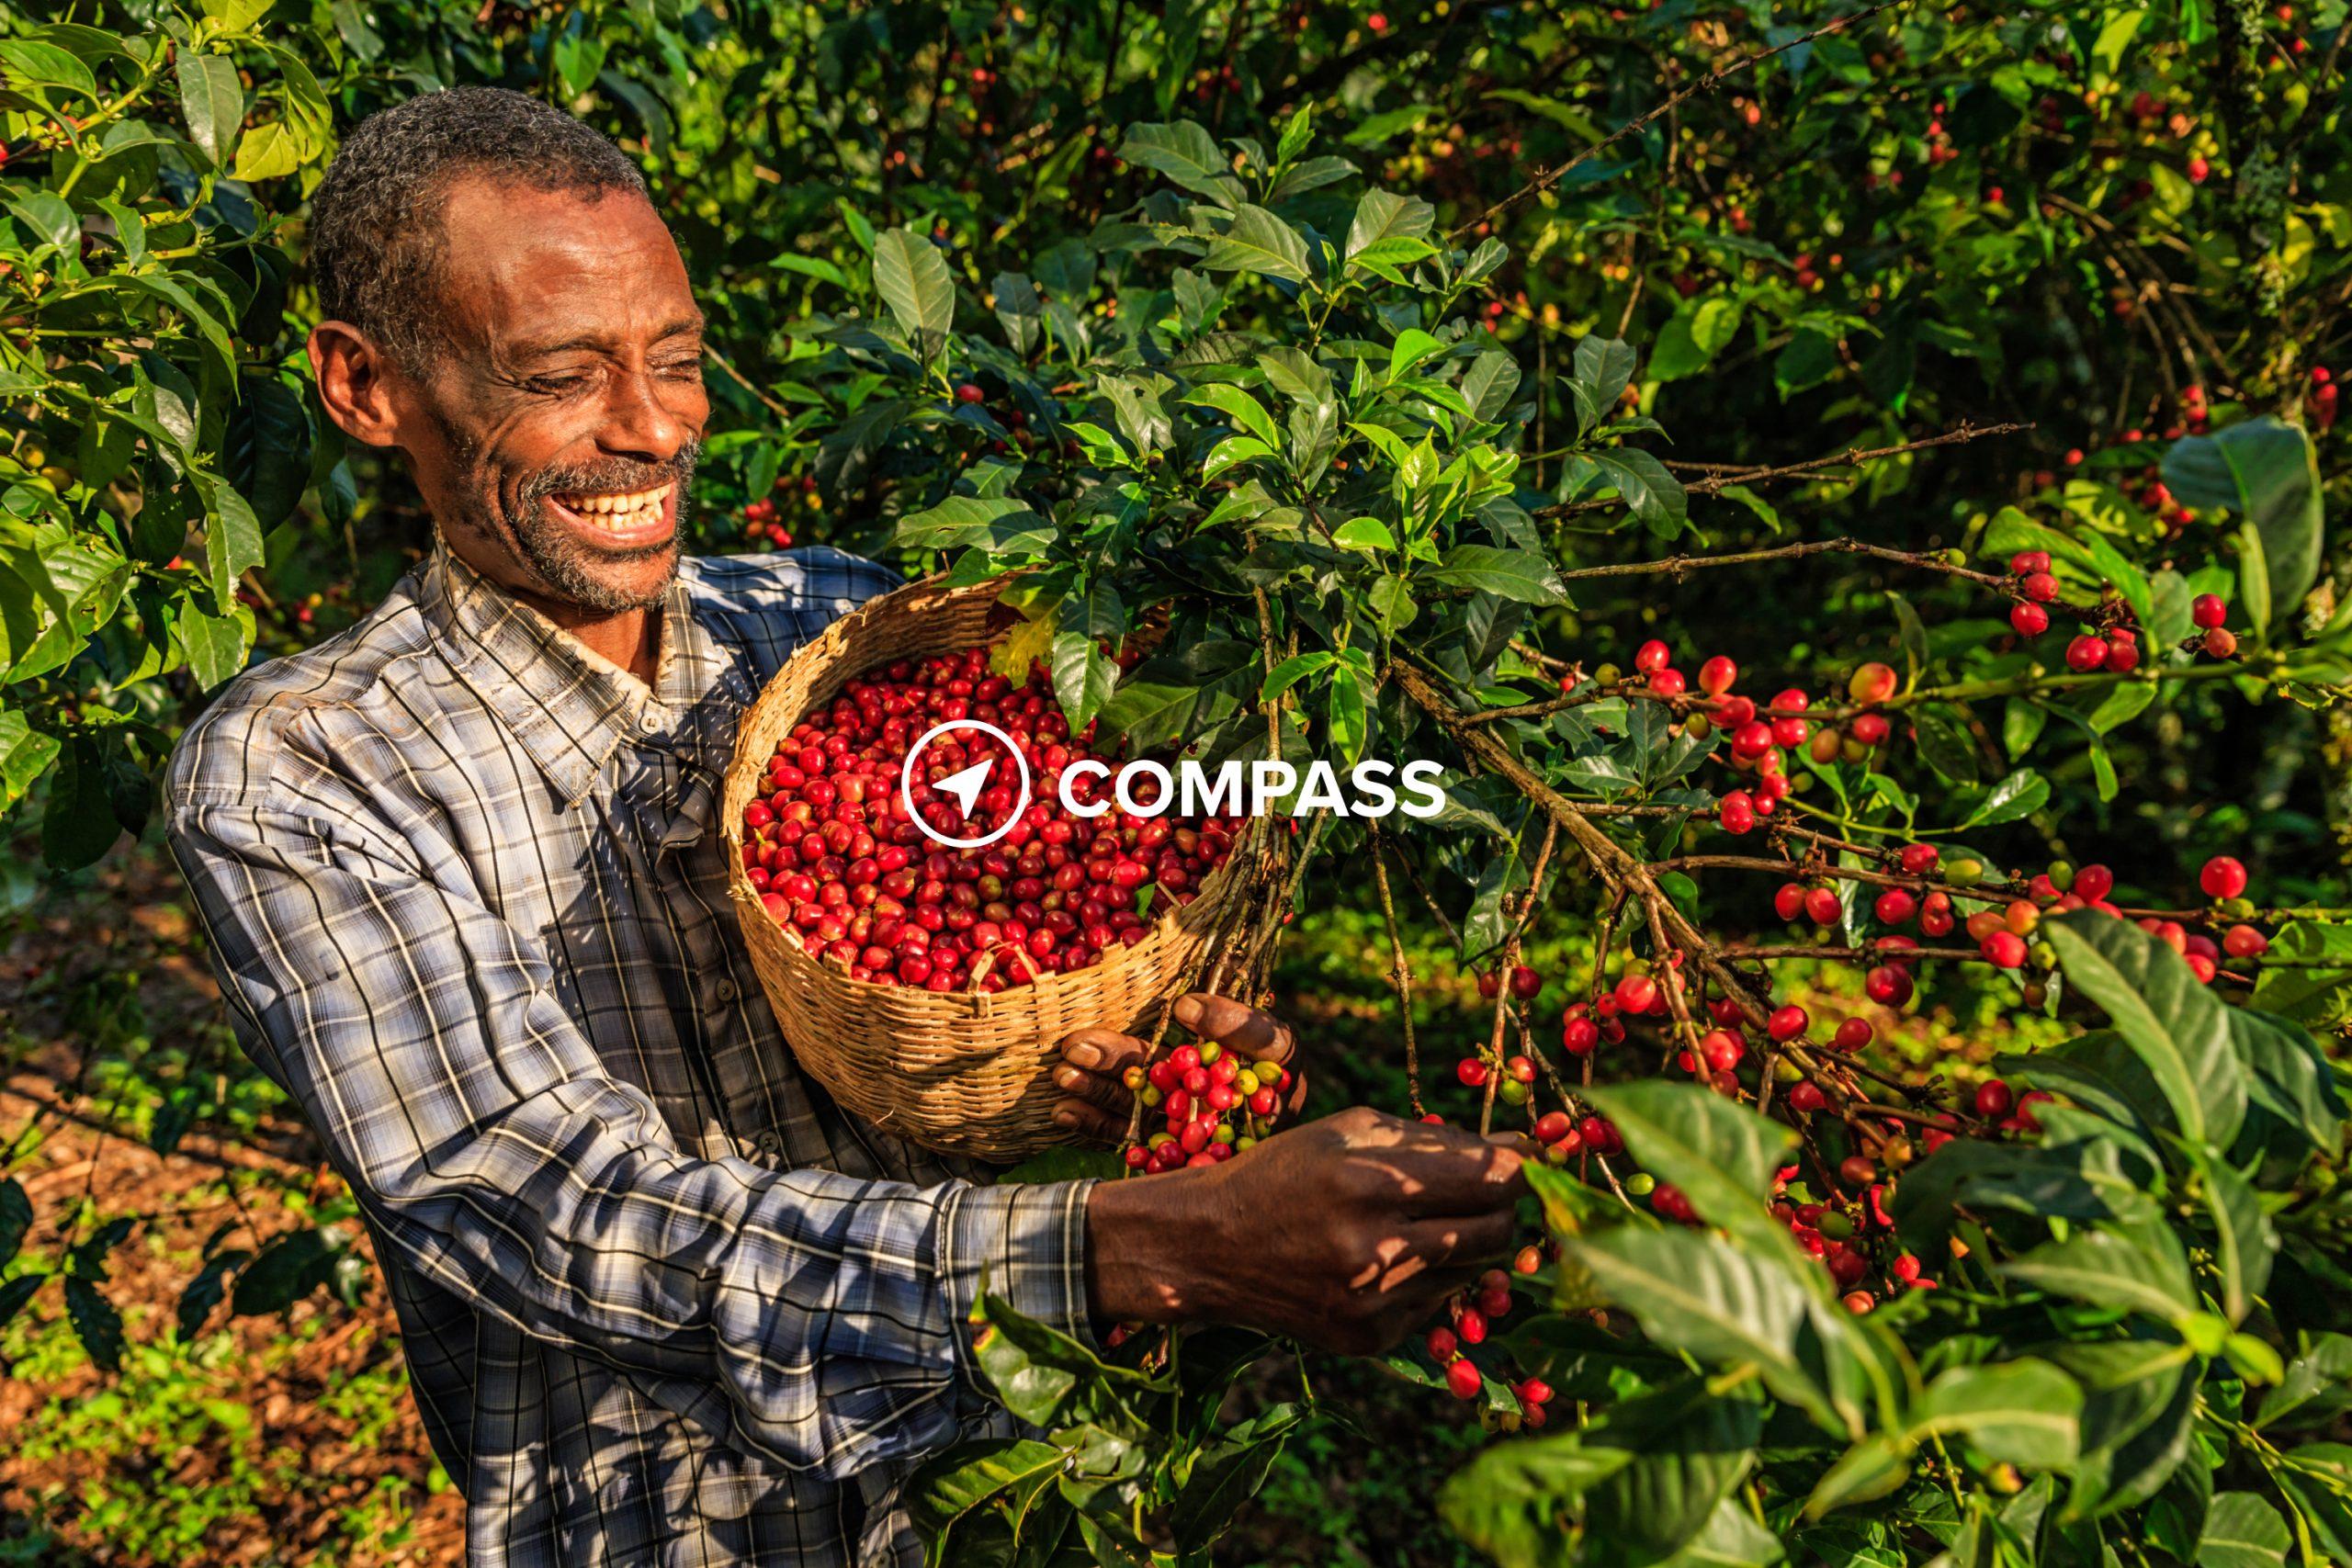 Compass-logo-presentation